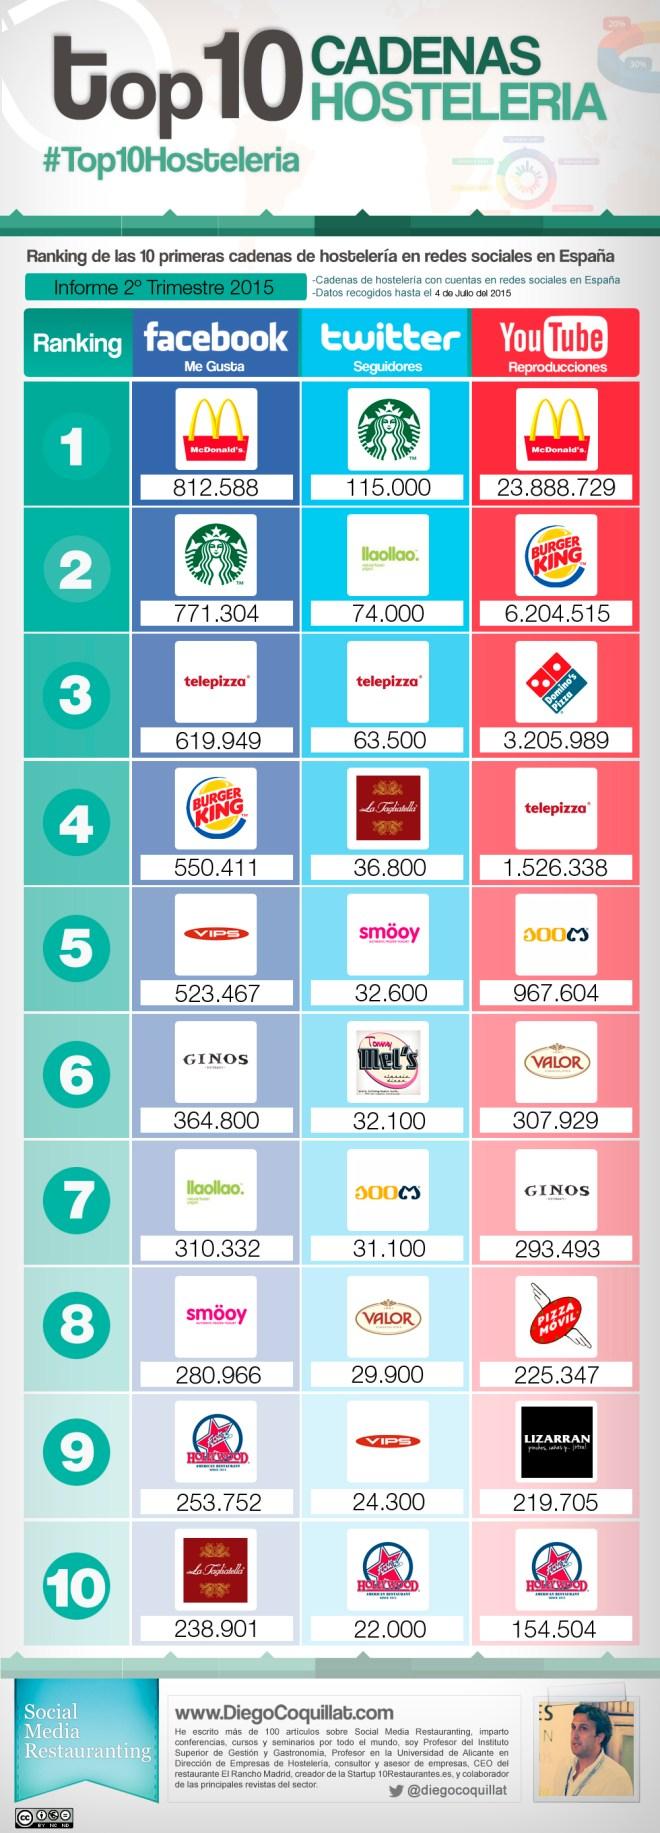 Top 10 cadenas hostelería en Redes Sociales (España 2T/2015)